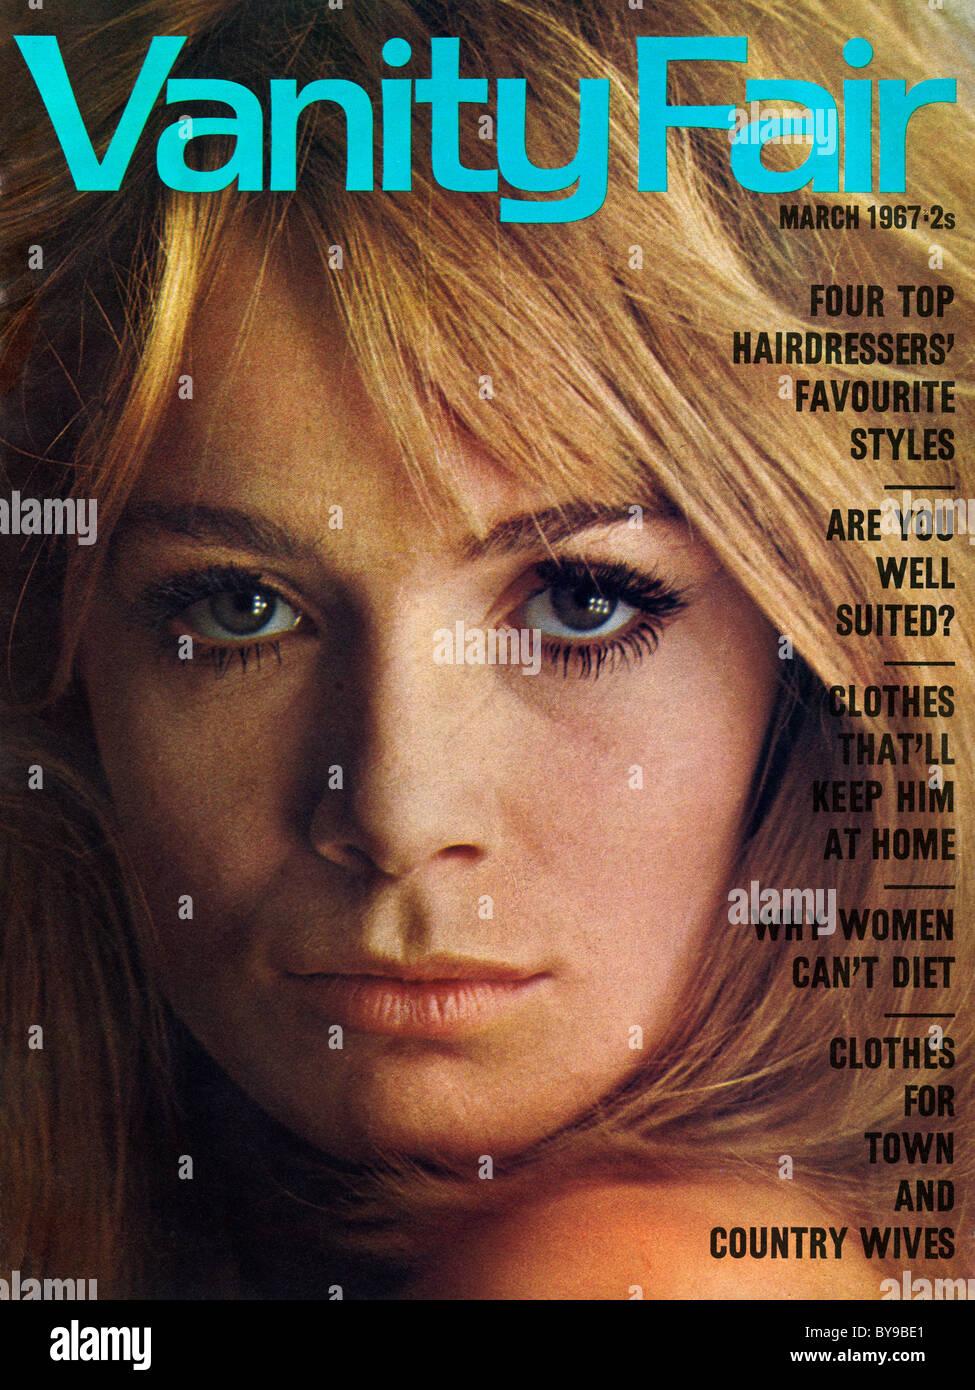 Copertina di Vanity Fair Magazine di marzo 1967 al prezzo di ...